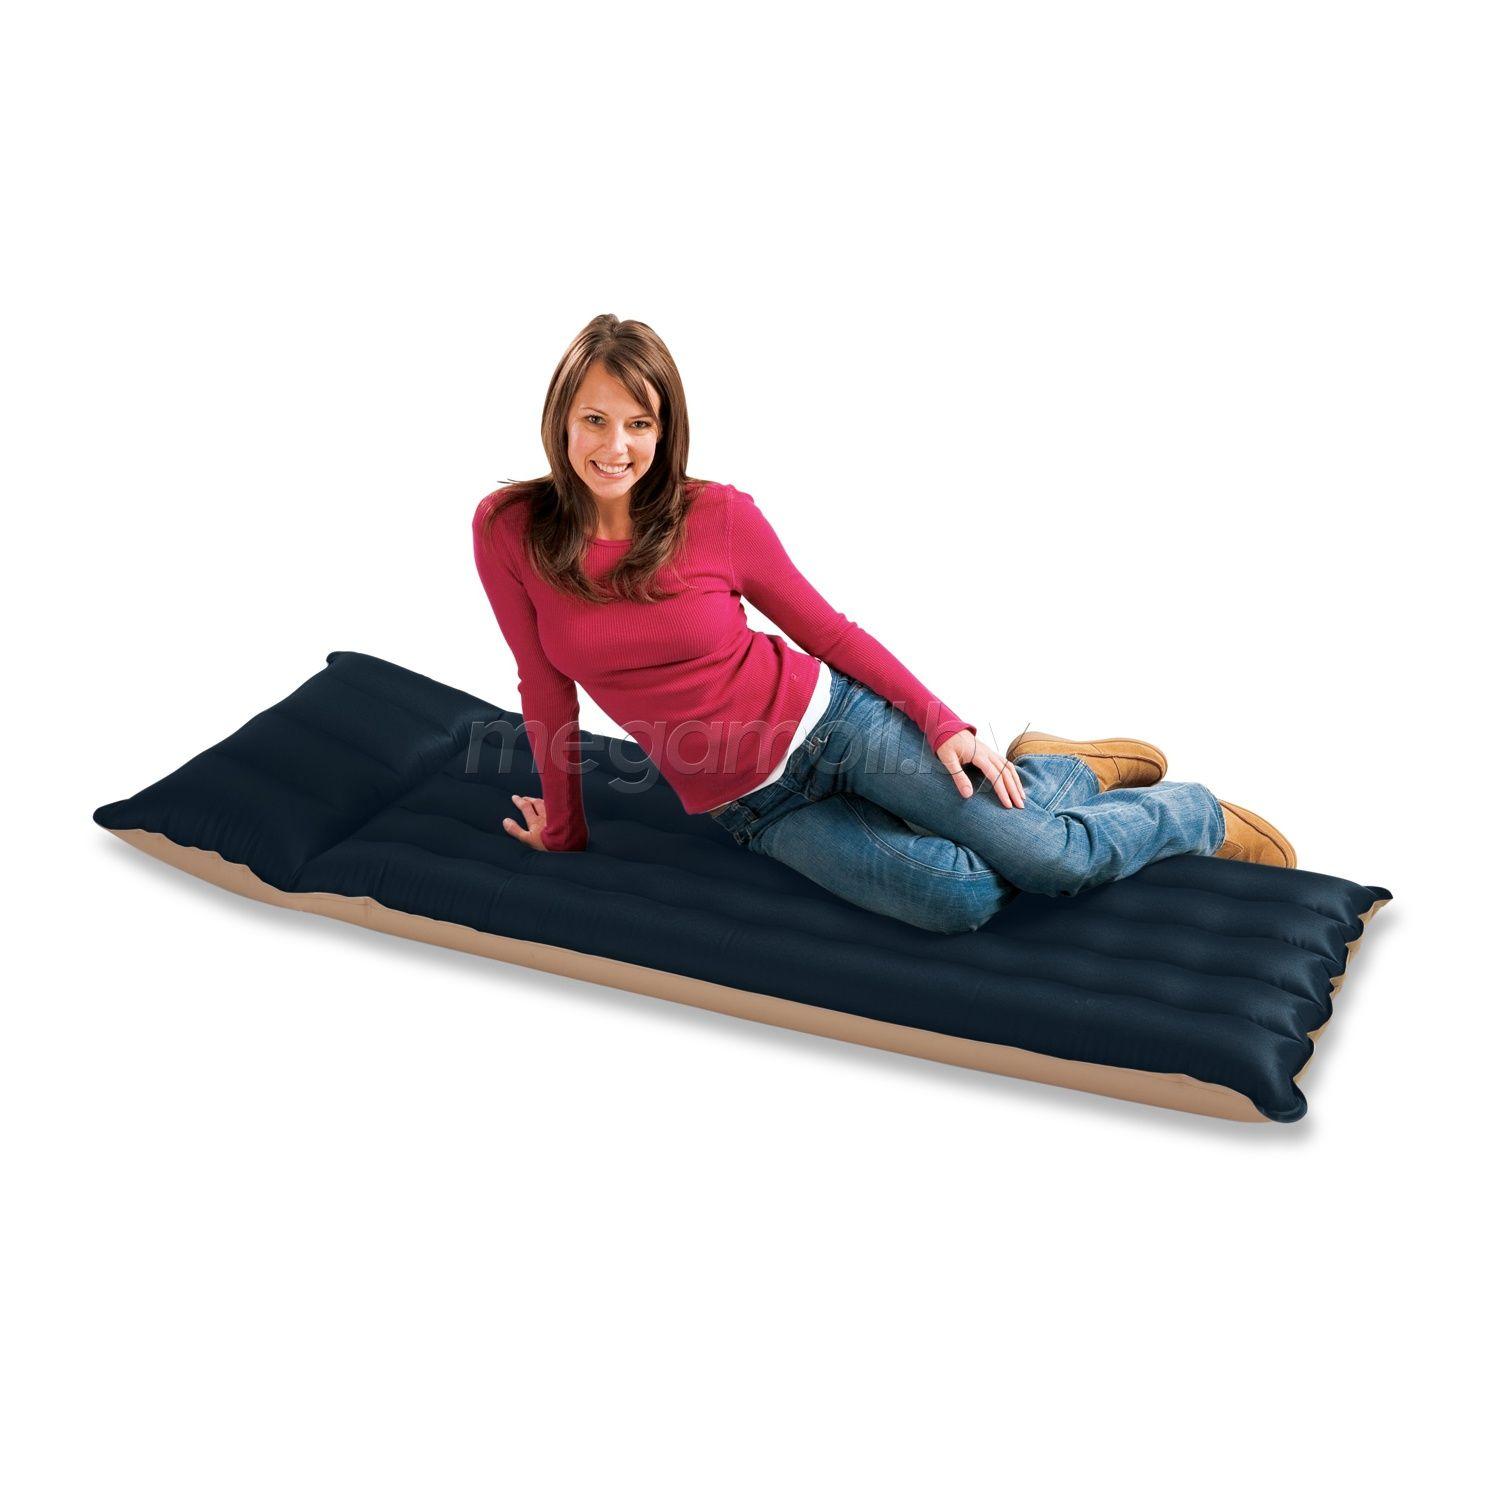 Купить матрас 68797 диван-кровать с матрасом купить в москве недорого